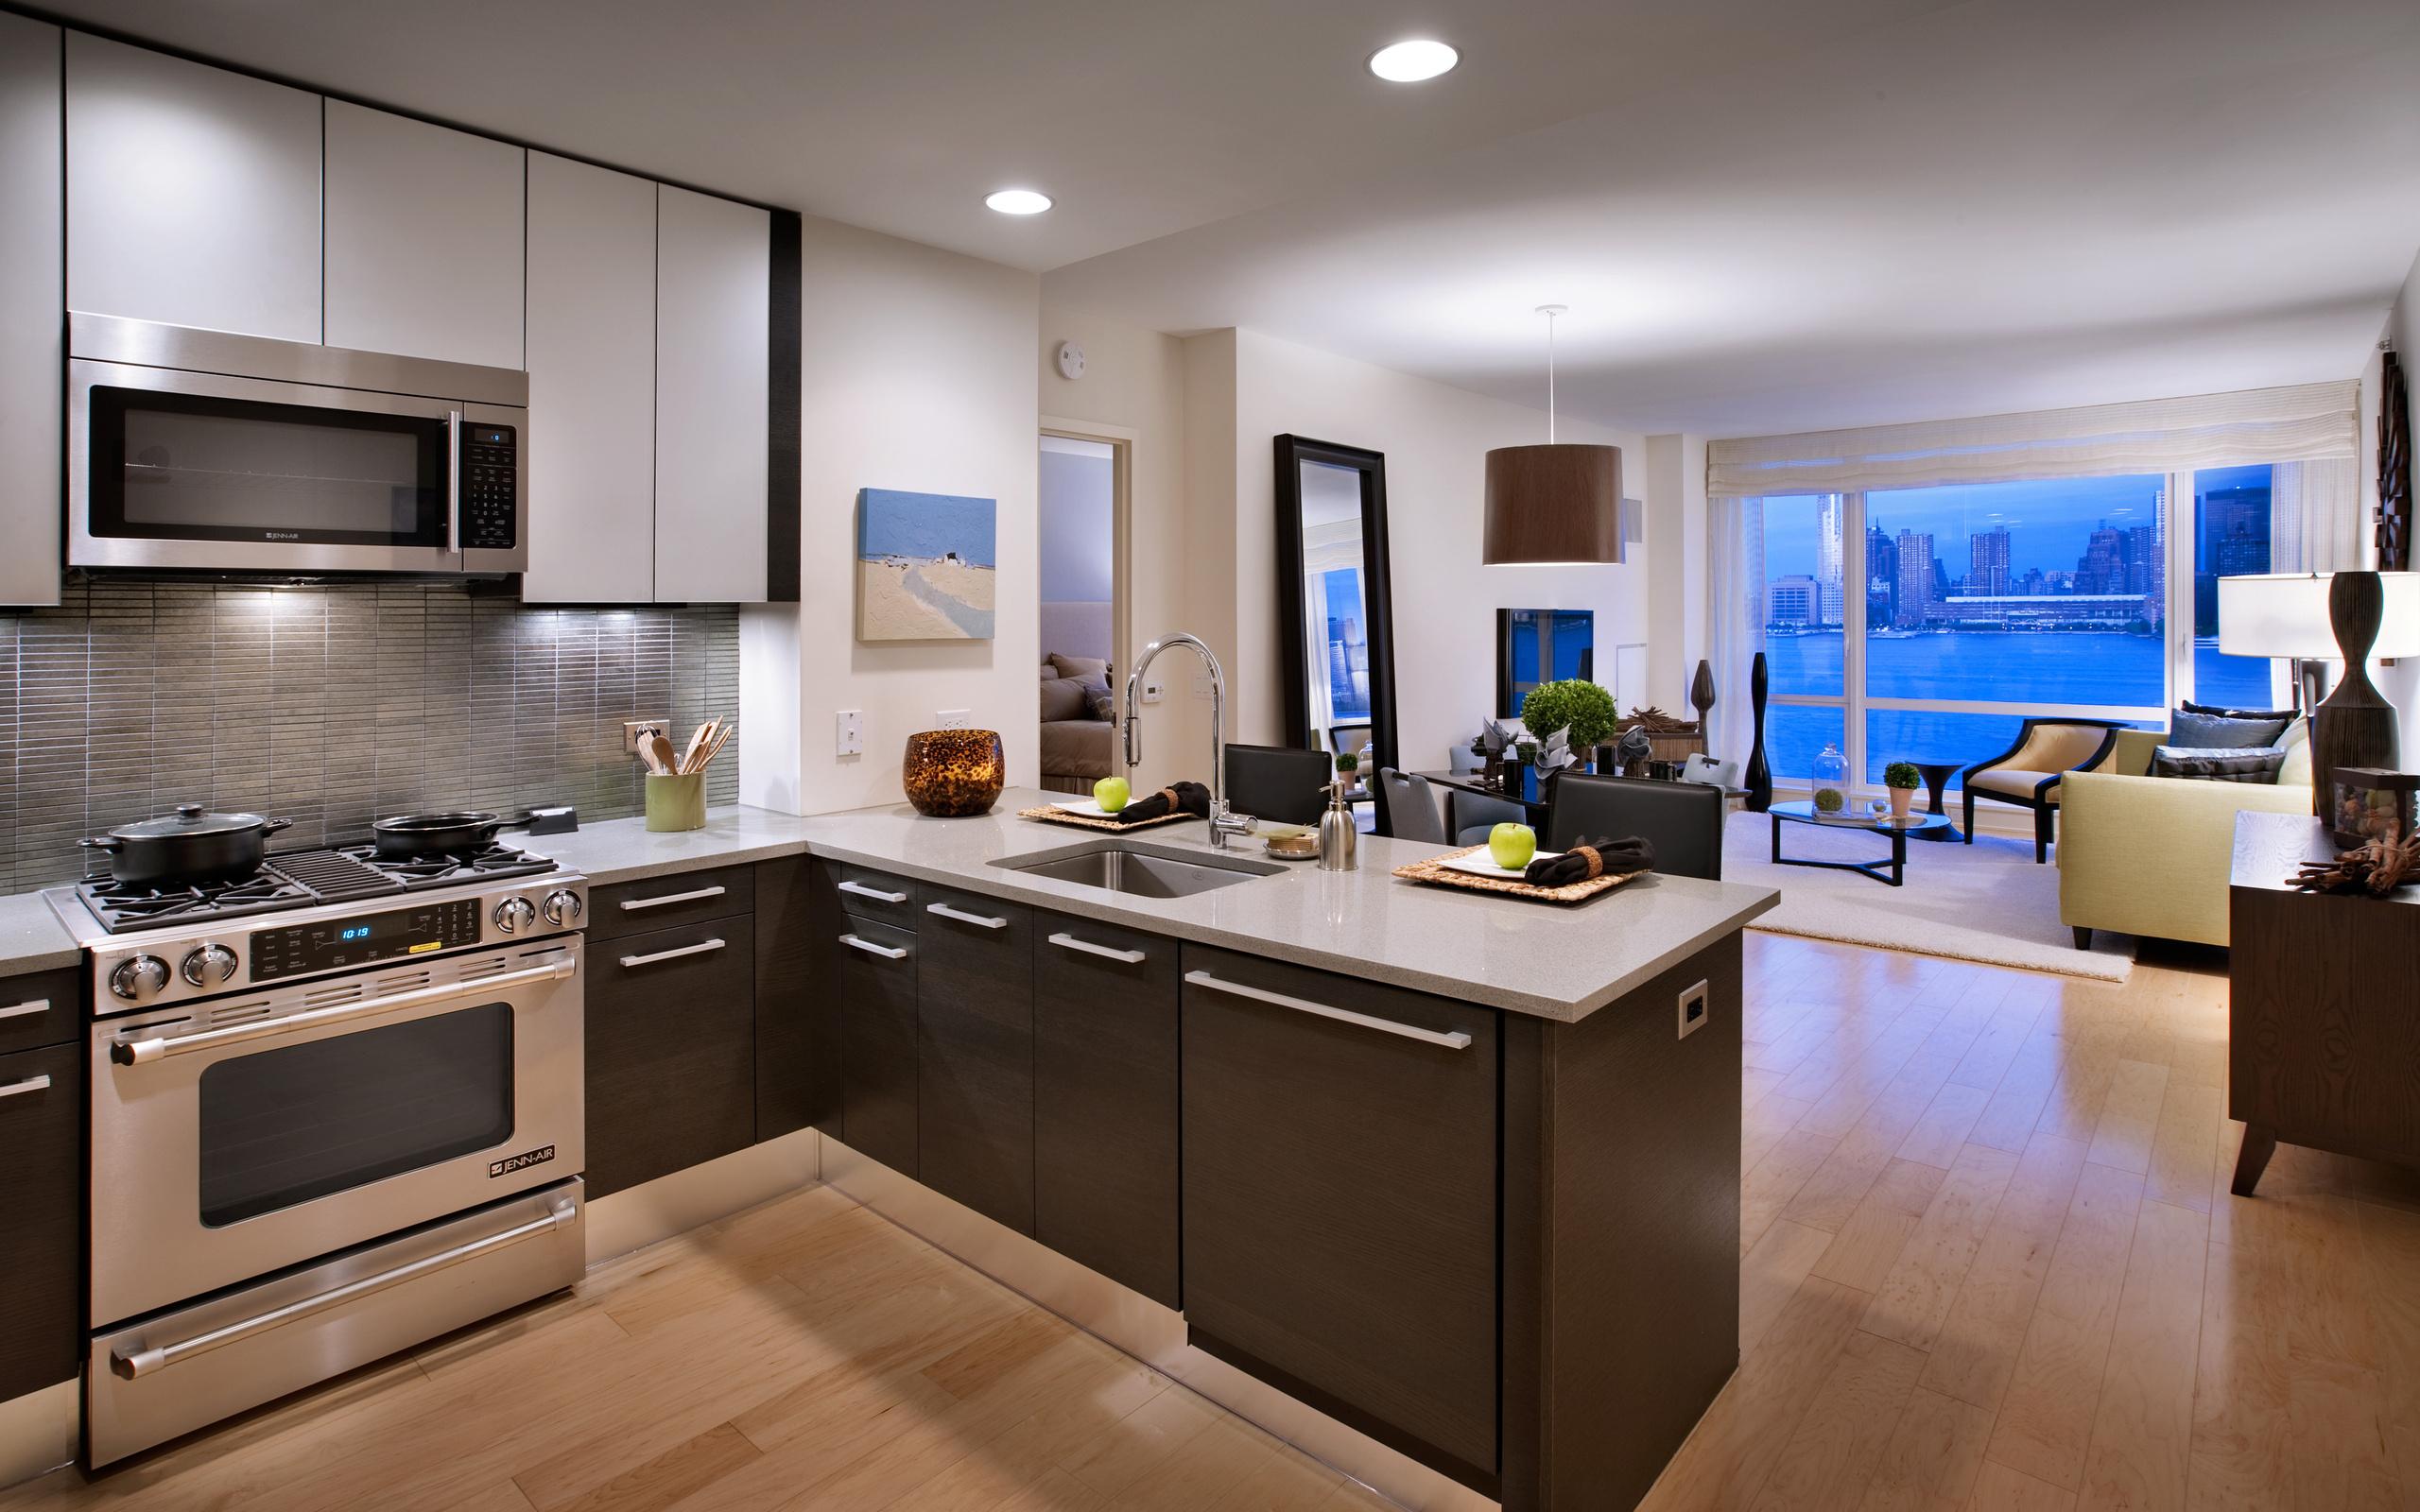 Кухня студия варианты дизайна